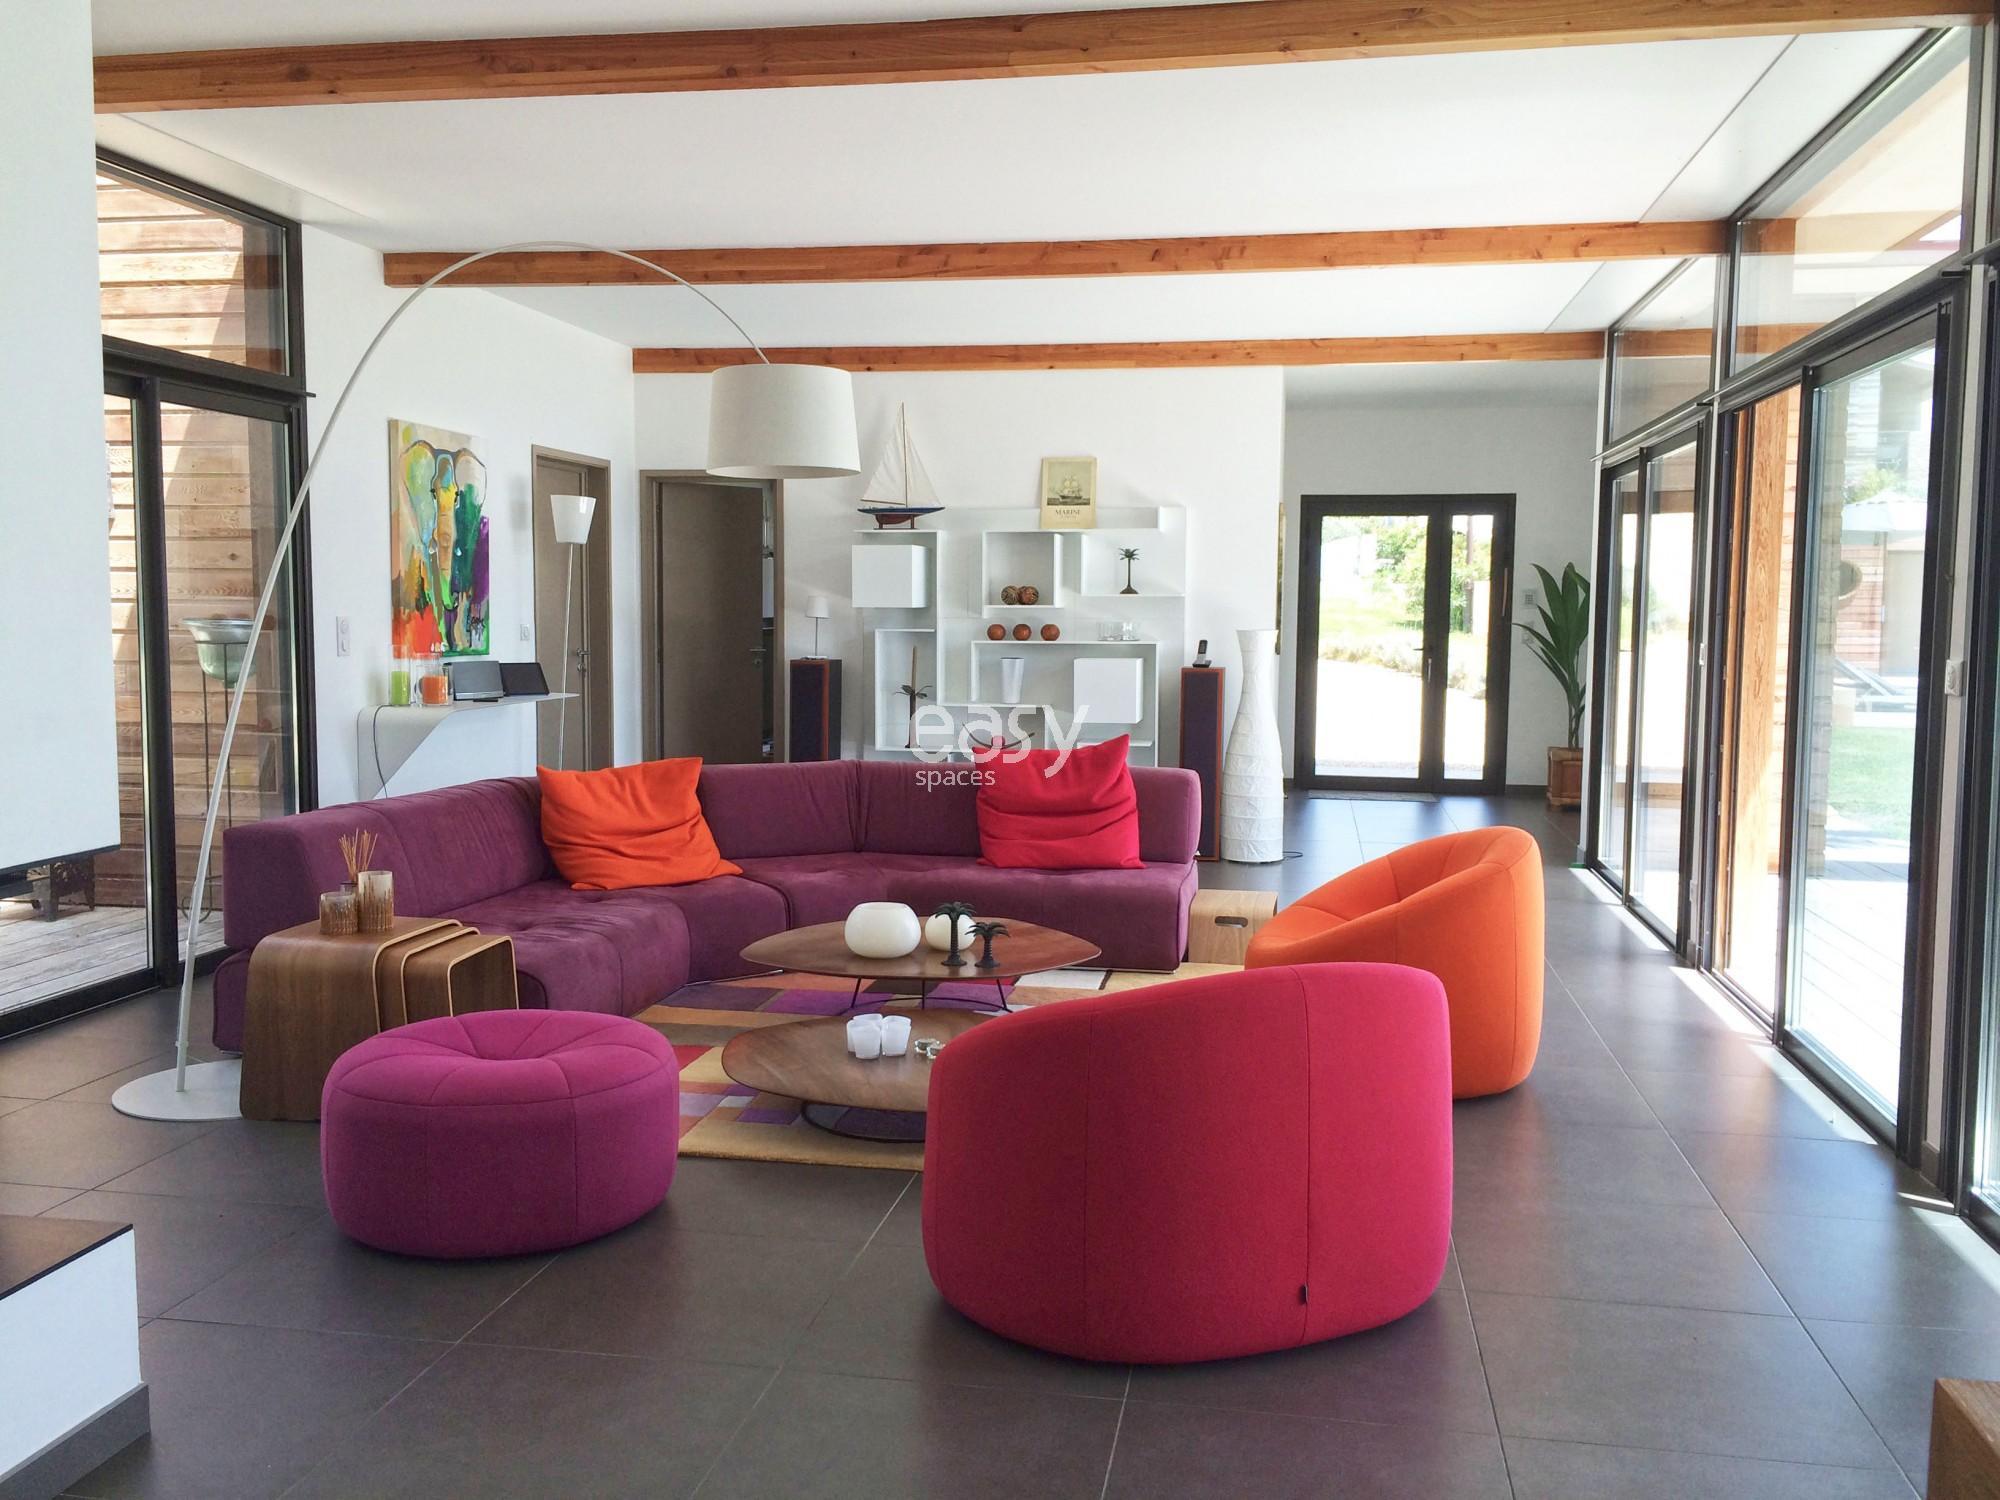 maison bois aix en provence demande de devis duune maison en bois de plain pied sur un terrain. Black Bedroom Furniture Sets. Home Design Ideas